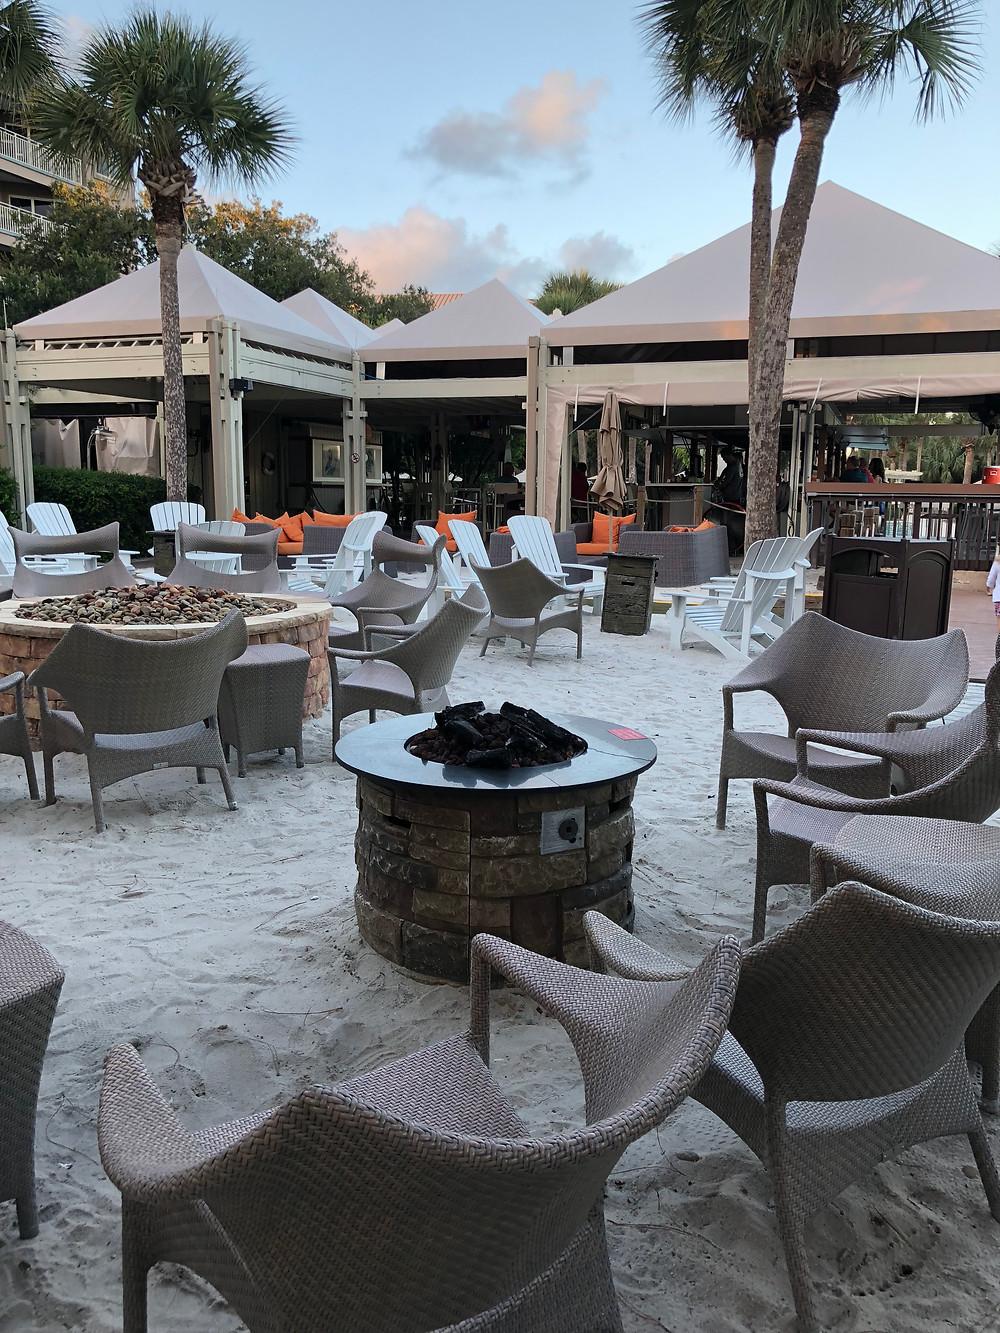 Grande Ocean Marriott resort Hilton Head Island